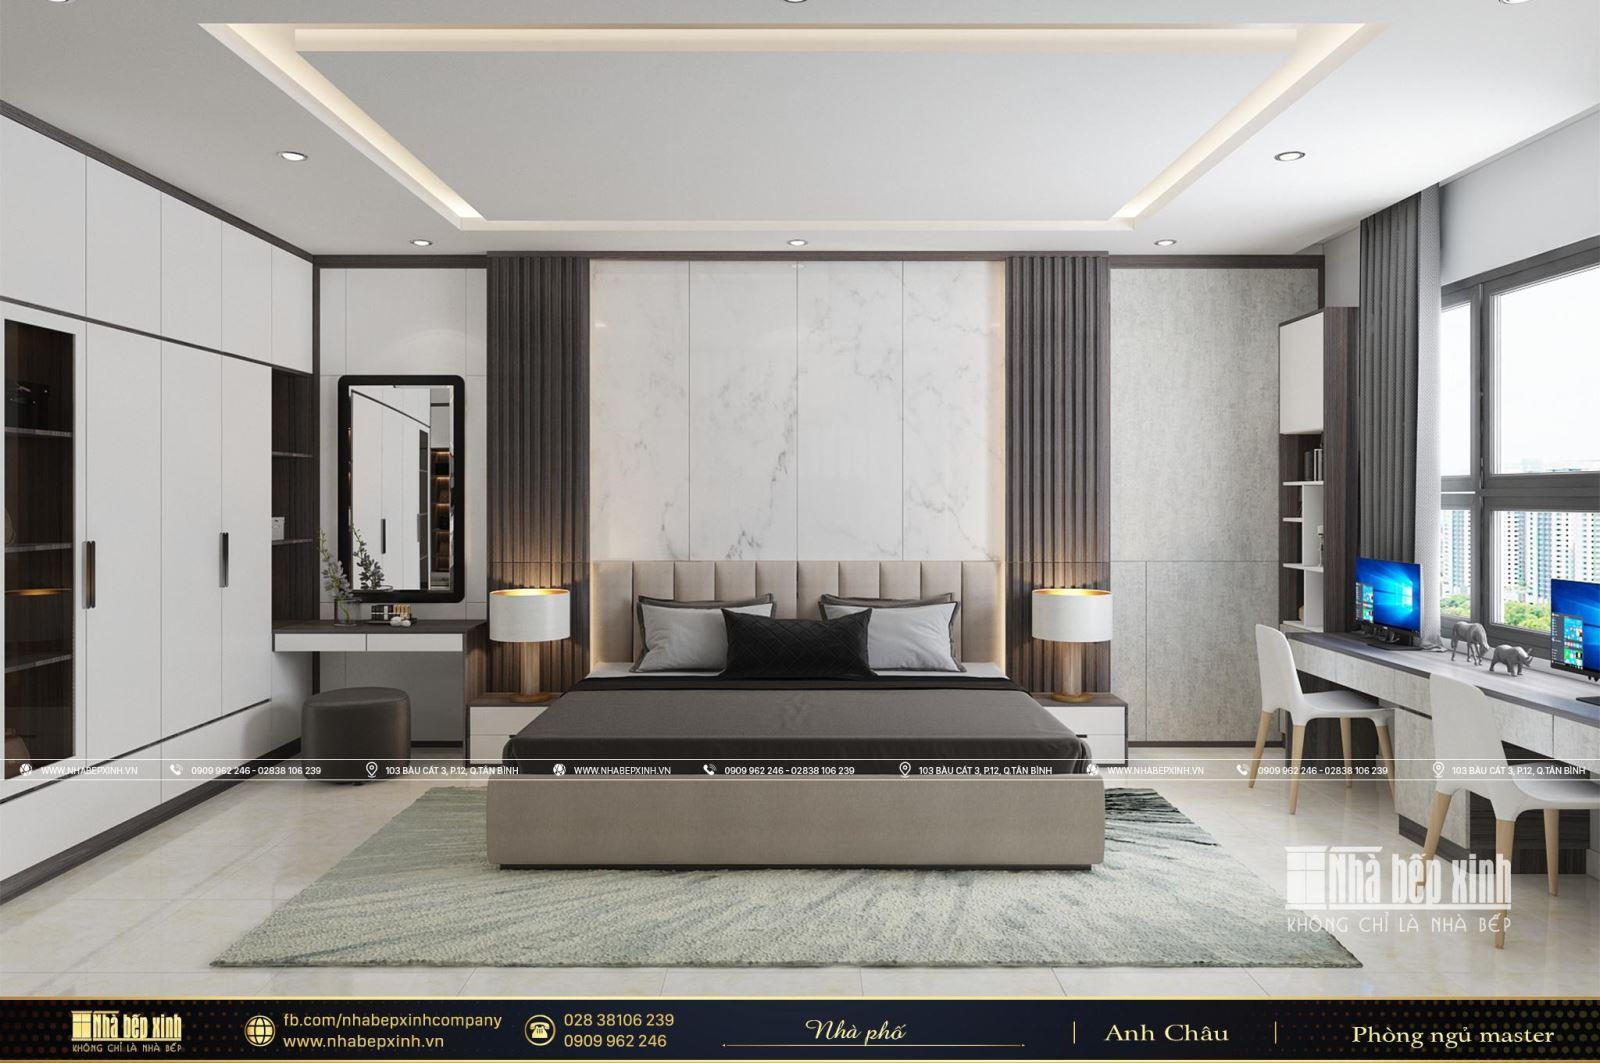 Vẻ đẹp sang trọng từ phong cách thiết kế nội thất hiện đại